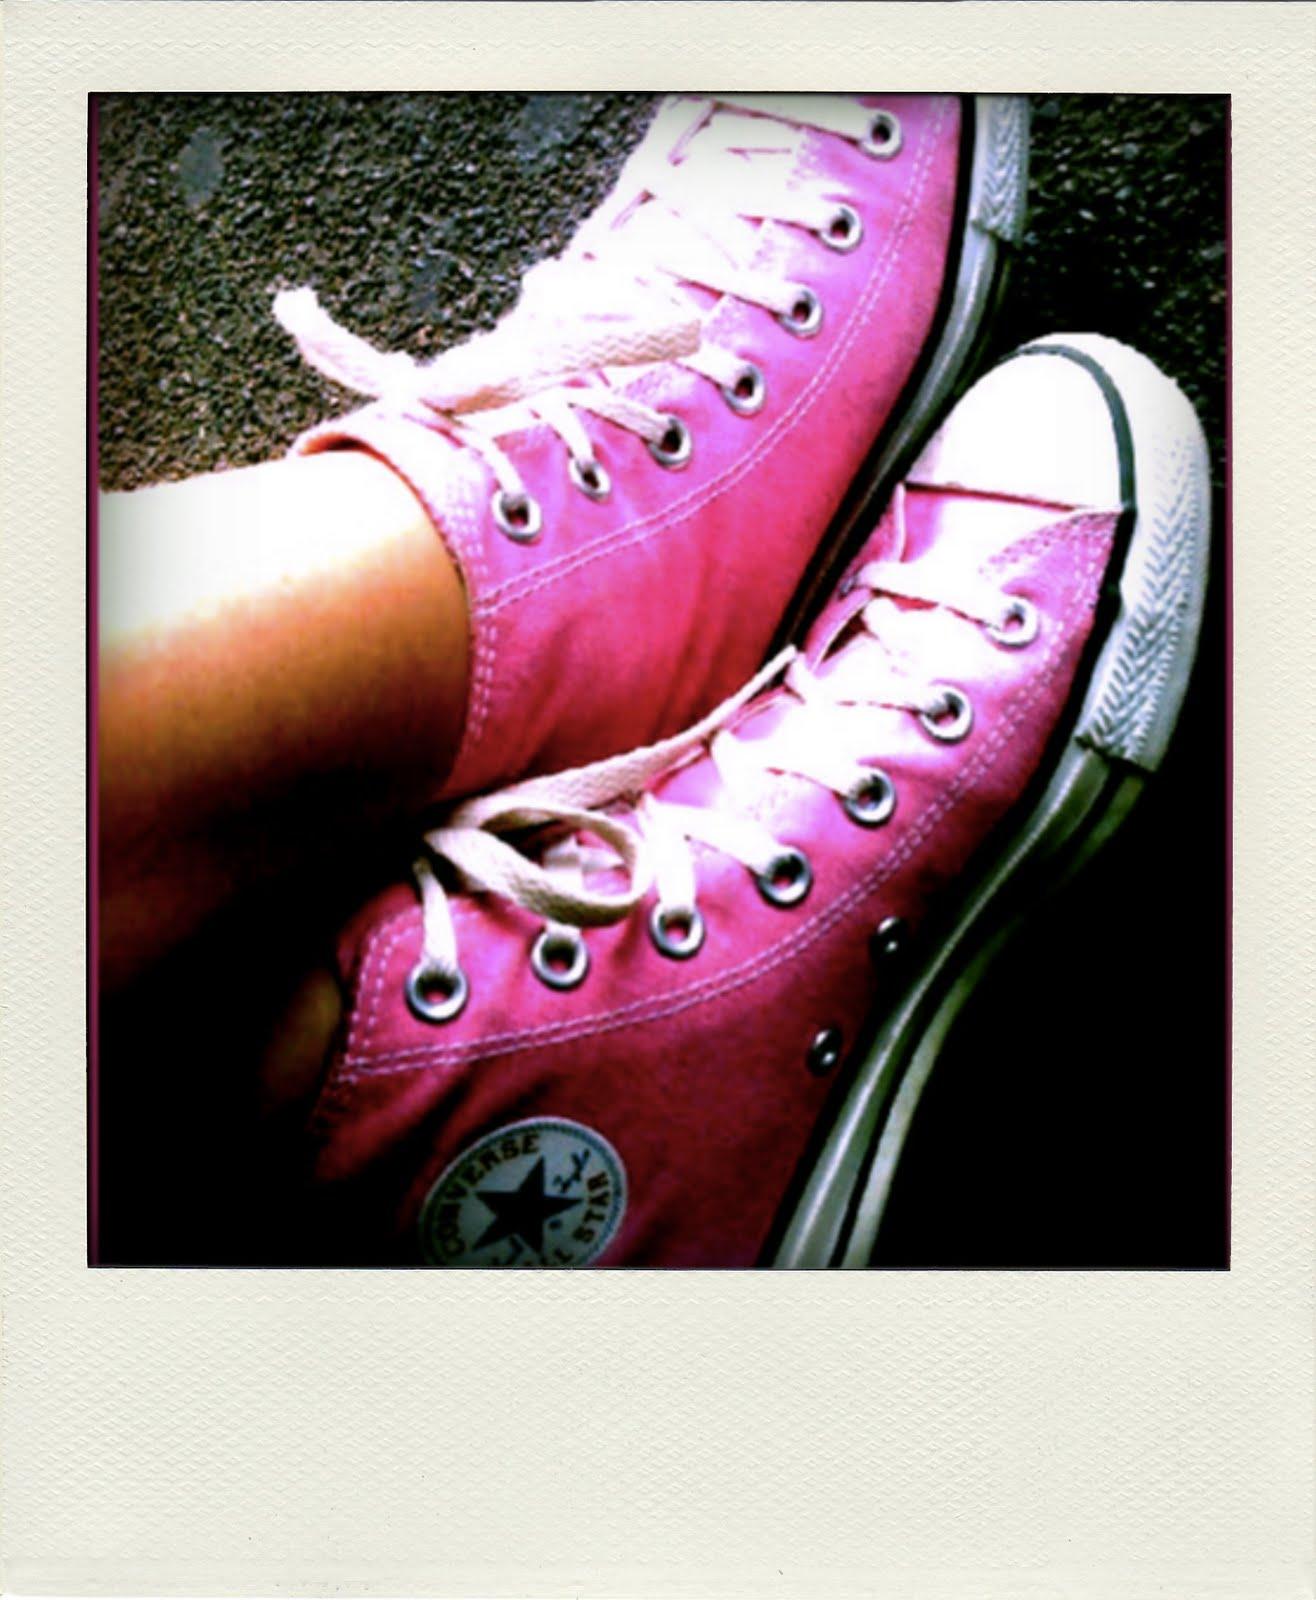 http://2.bp.blogspot.com/_UqWMaXpBaU0/S_XkS_MTTZI/AAAAAAAAAZE/EFp8r3KkPLw/s1600/High+Top+Pink+Converse-pola.jpg